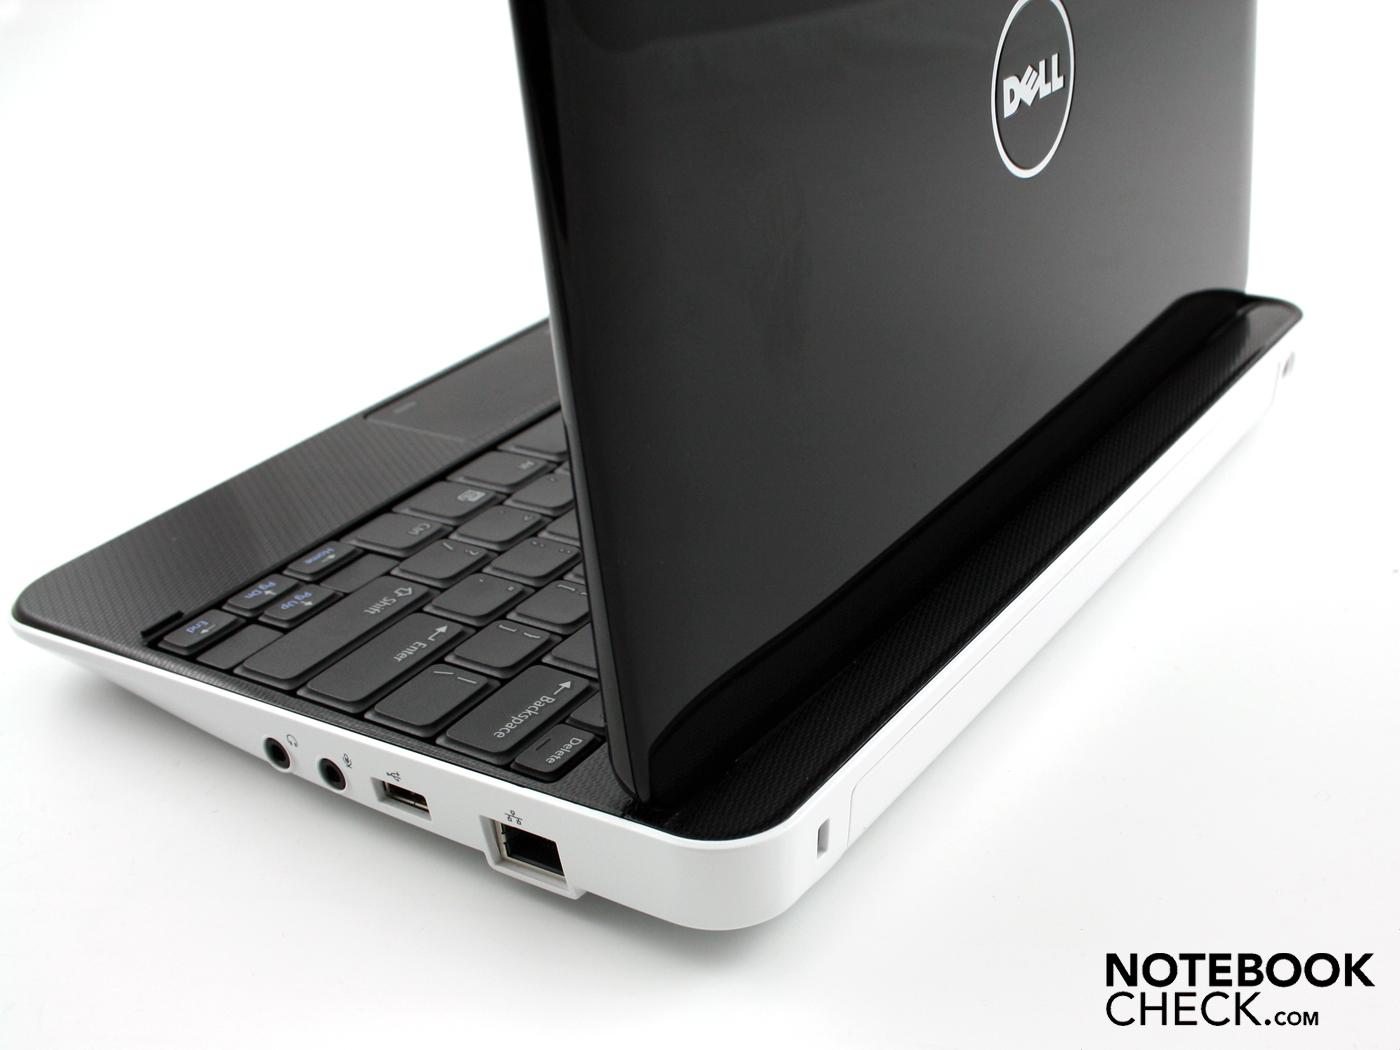 Dell Inspiron Mini 12 Synaptics TouchPad Treiber Windows 10